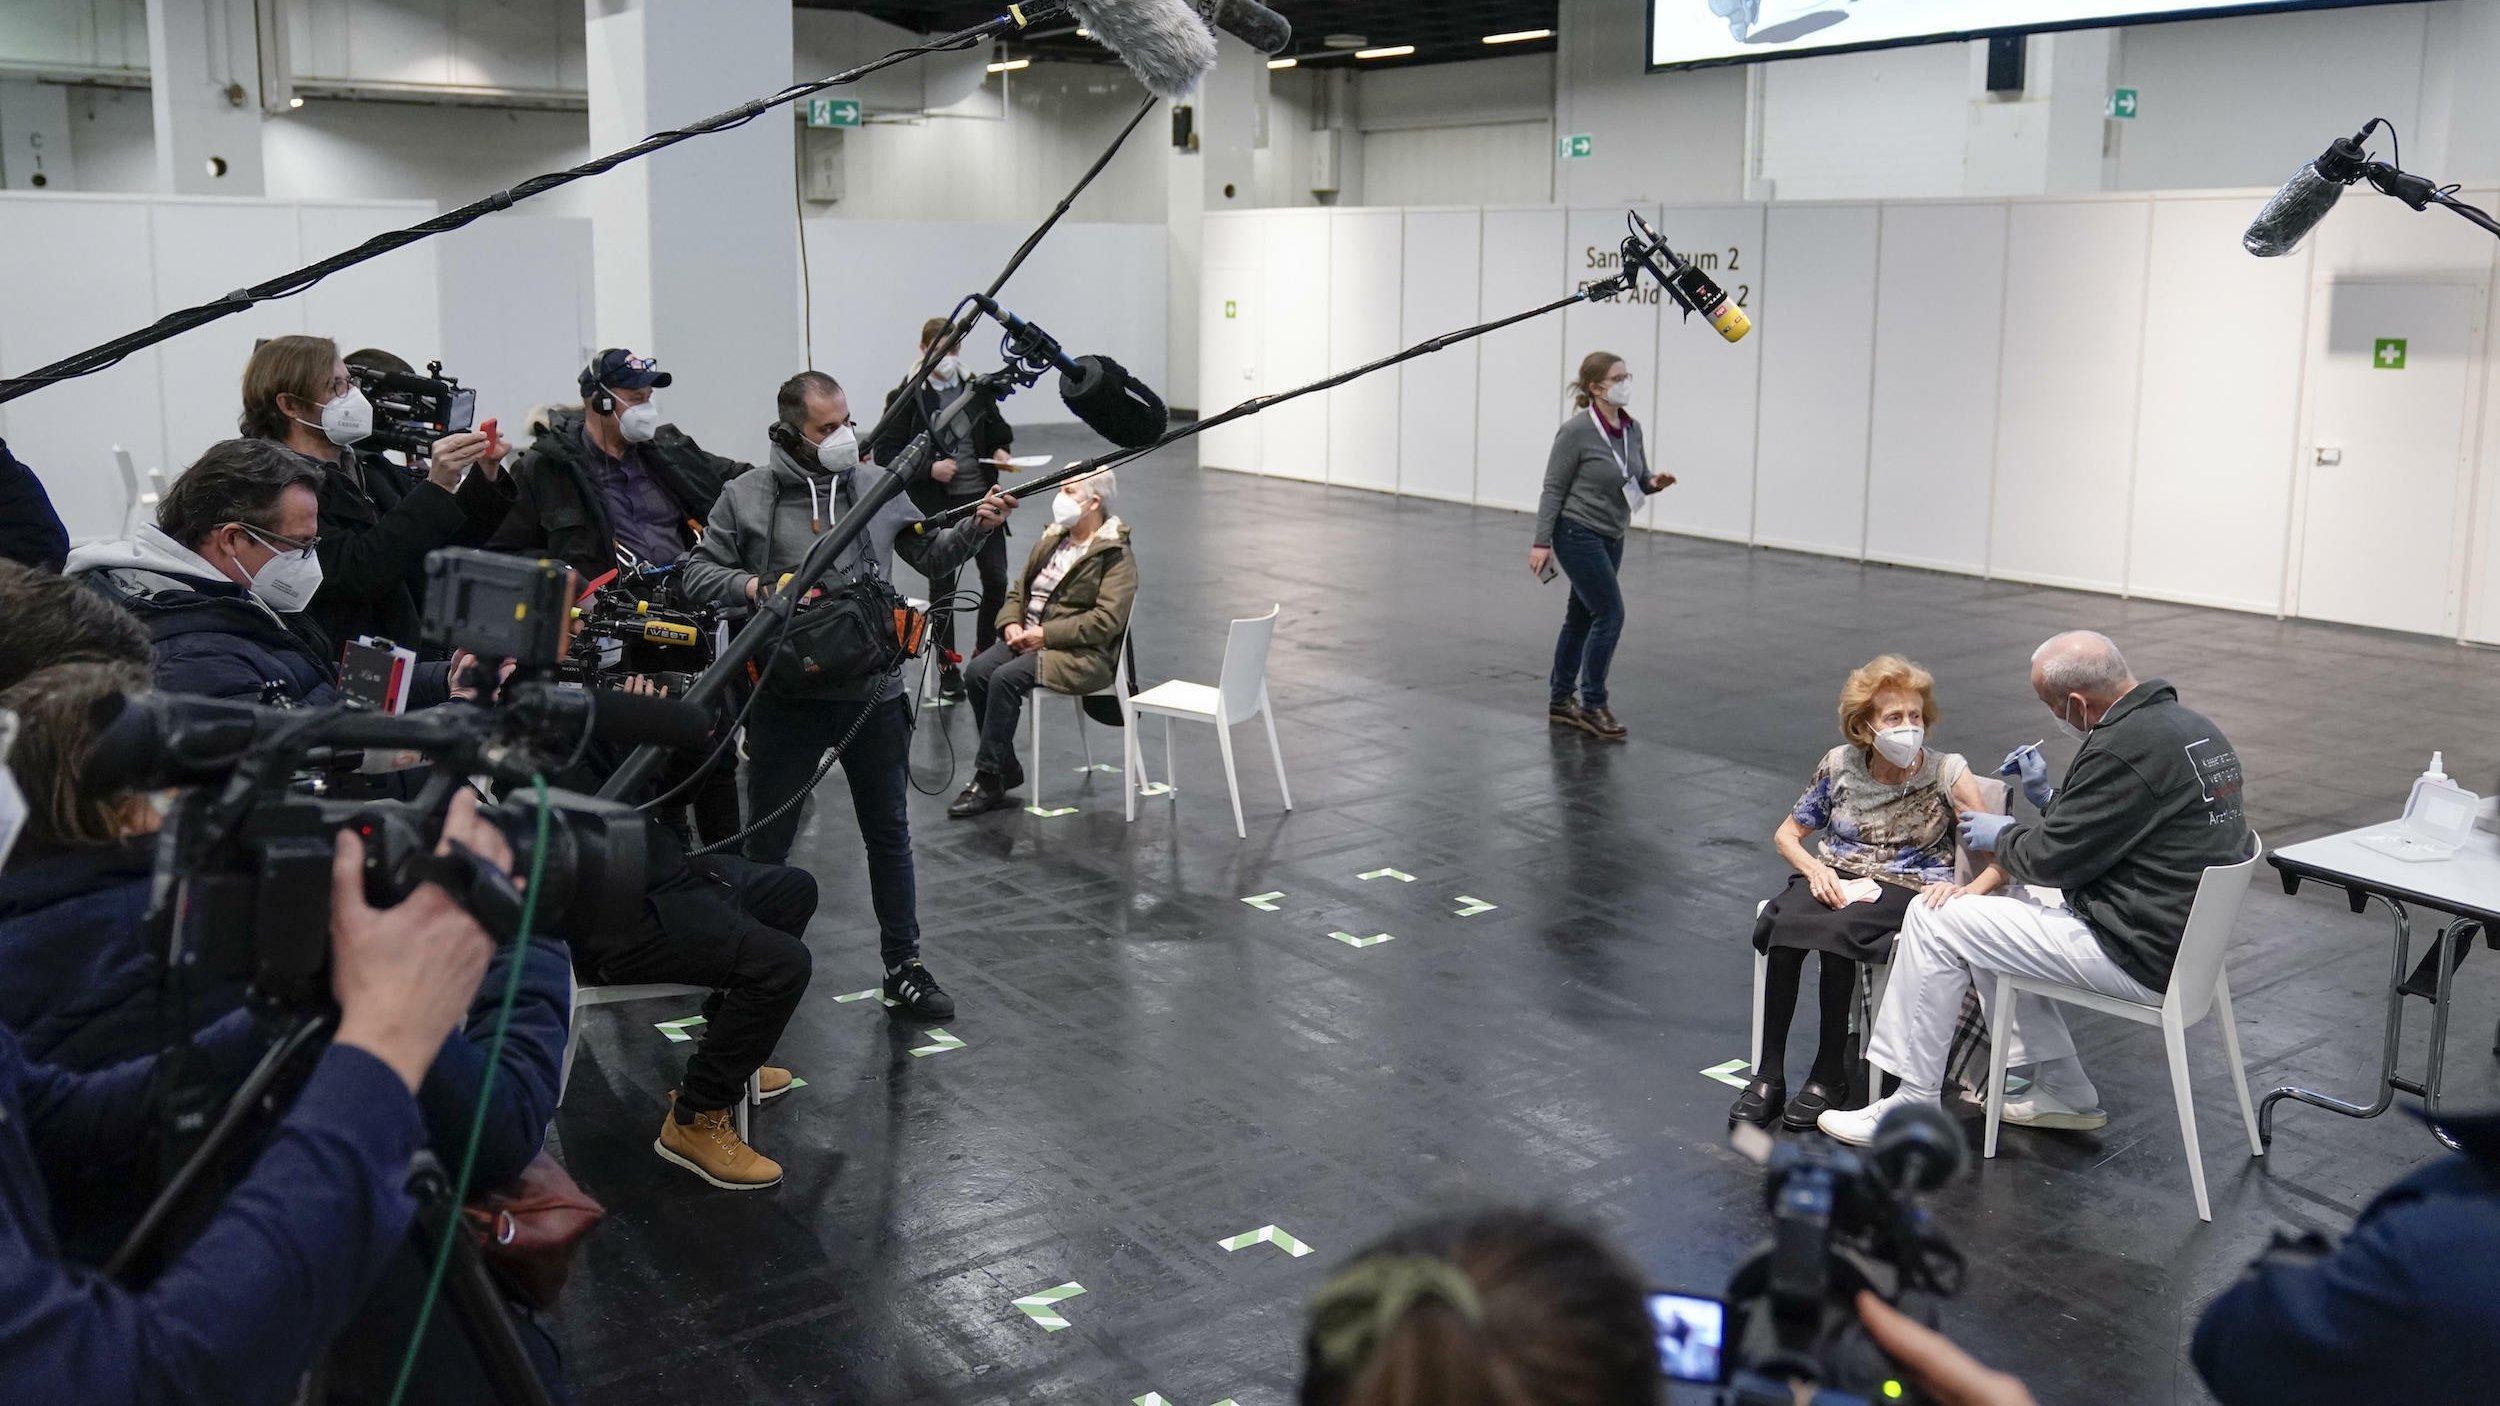 In einer großen Halle: Menschen mit Kameras und Mikrofonen umringen eine ältere Frau auf einem Stuhl, die sich von einem Mann eine Spritze in den rechten Oberarm verabreichen lässt.